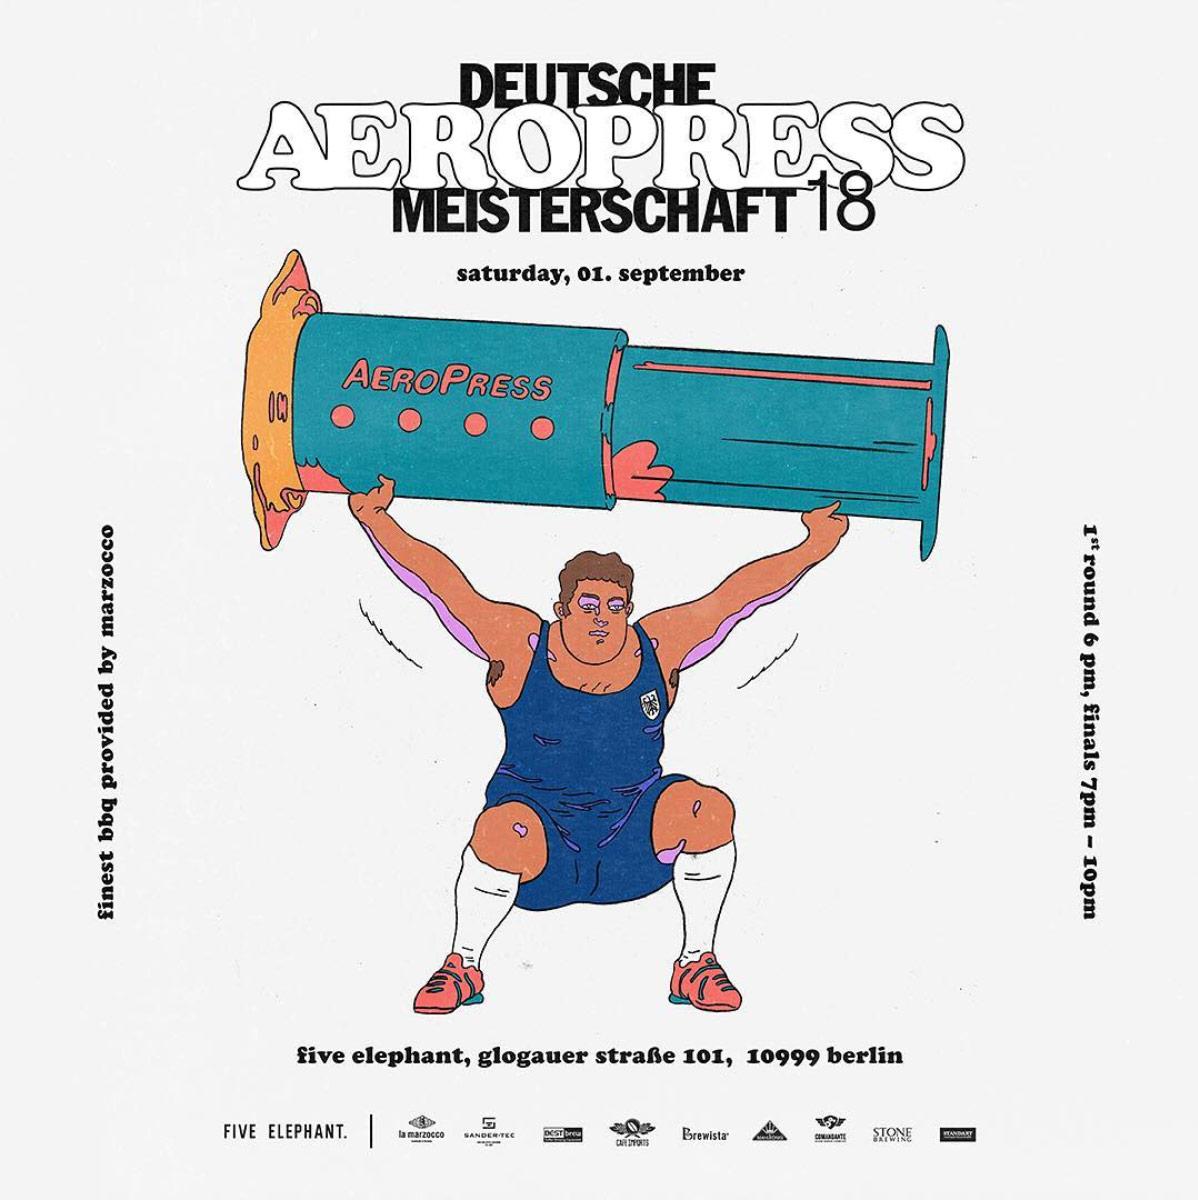 CafCaf-Kaffee Event: Deutsche Aeropress Meisterschaft 2018, German Aeropress Championship 2018